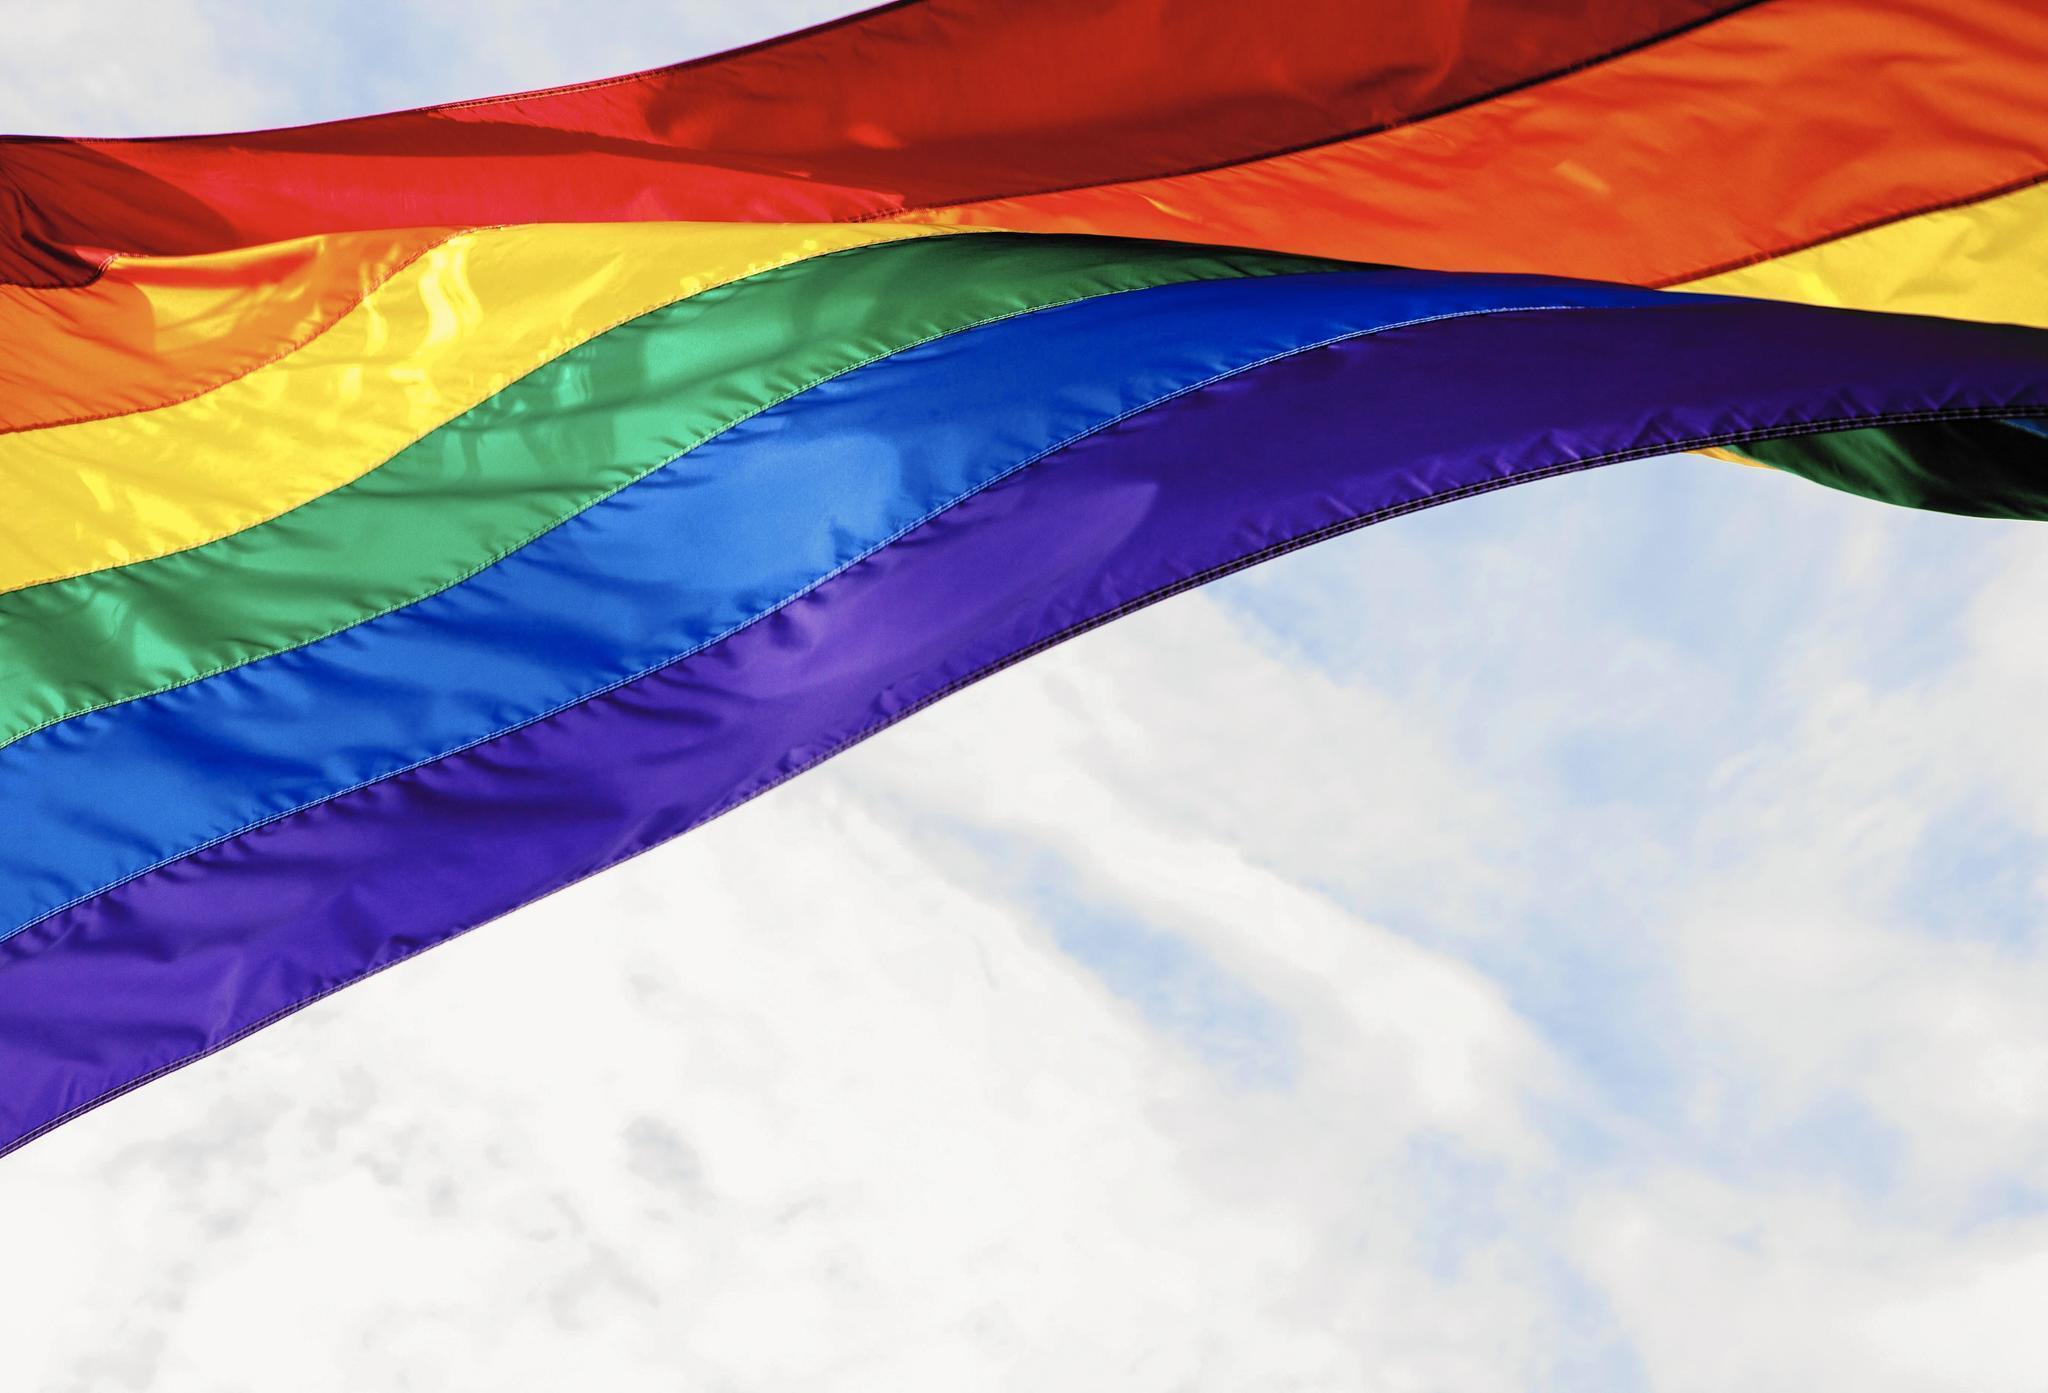 Gay hookup places in elk grove village